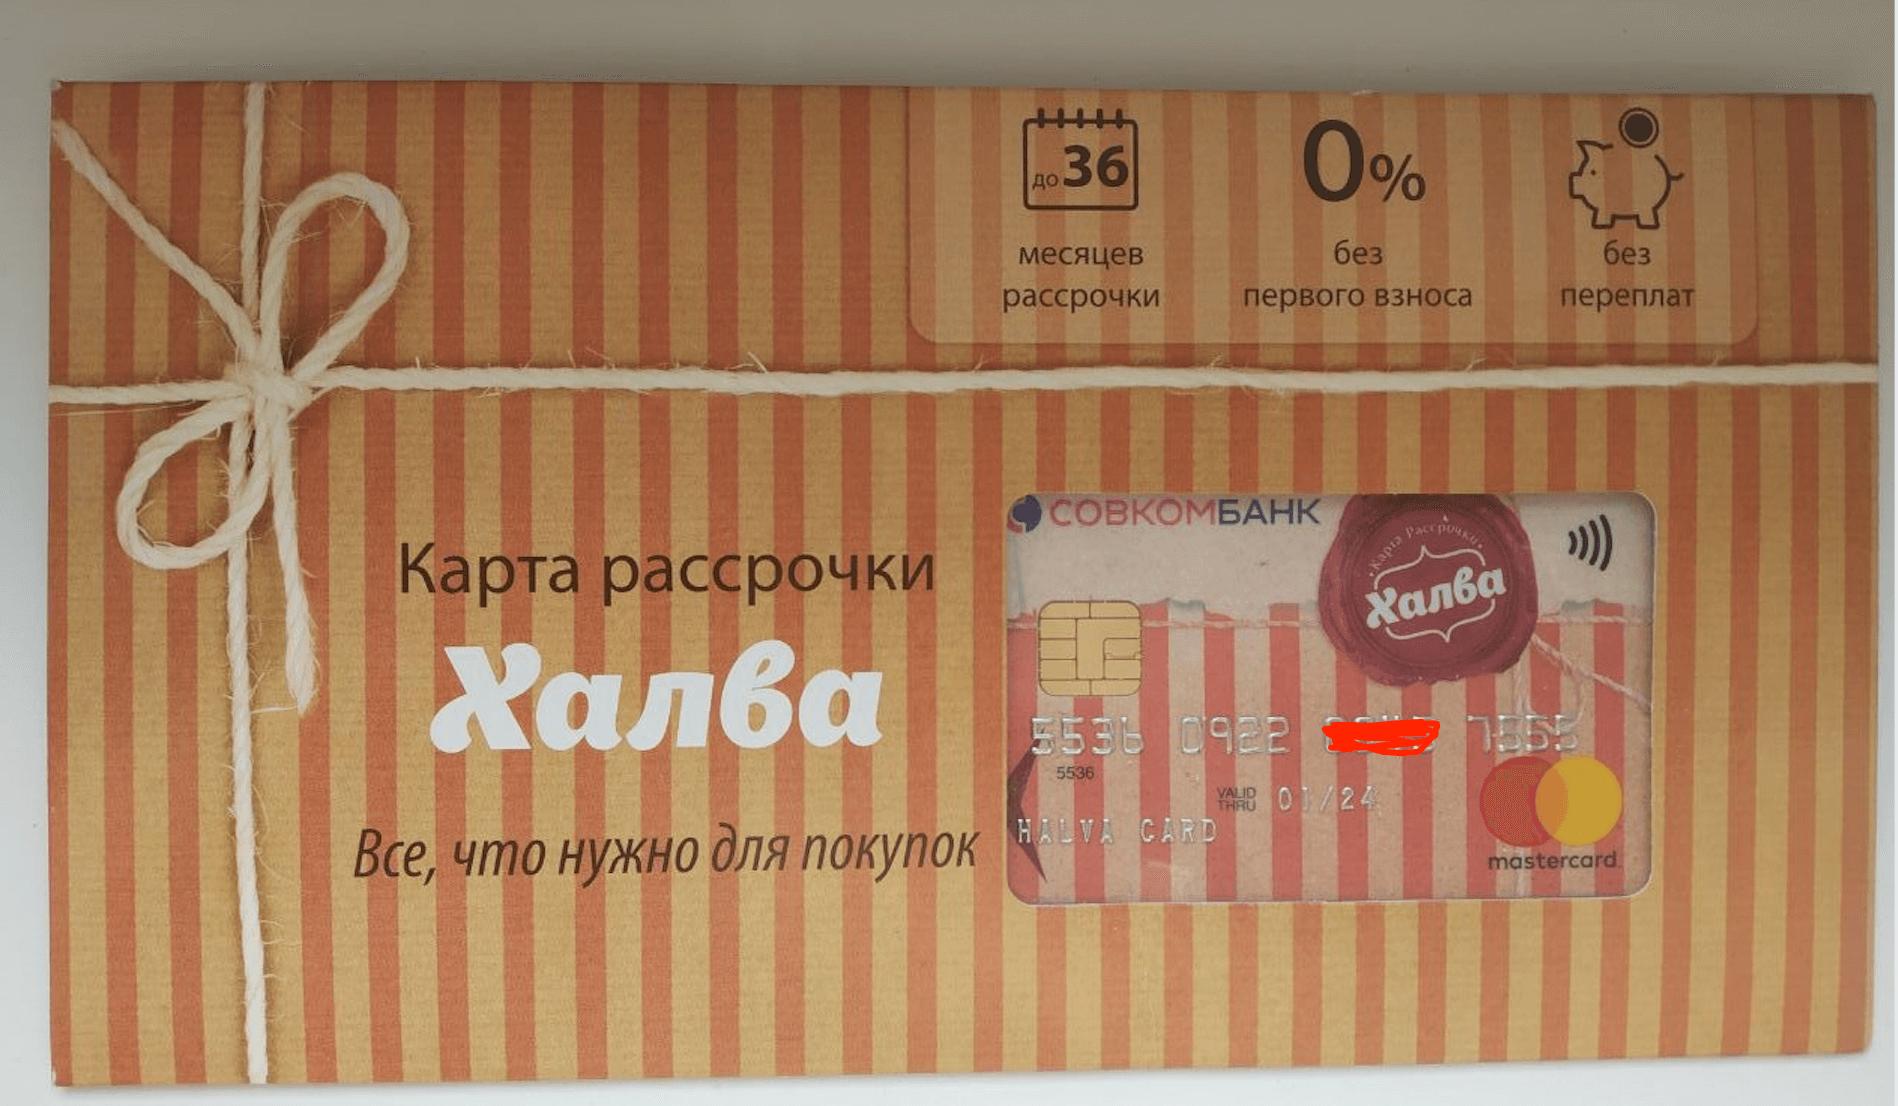 снятие наличных с карты халва в банкомате сбербанка